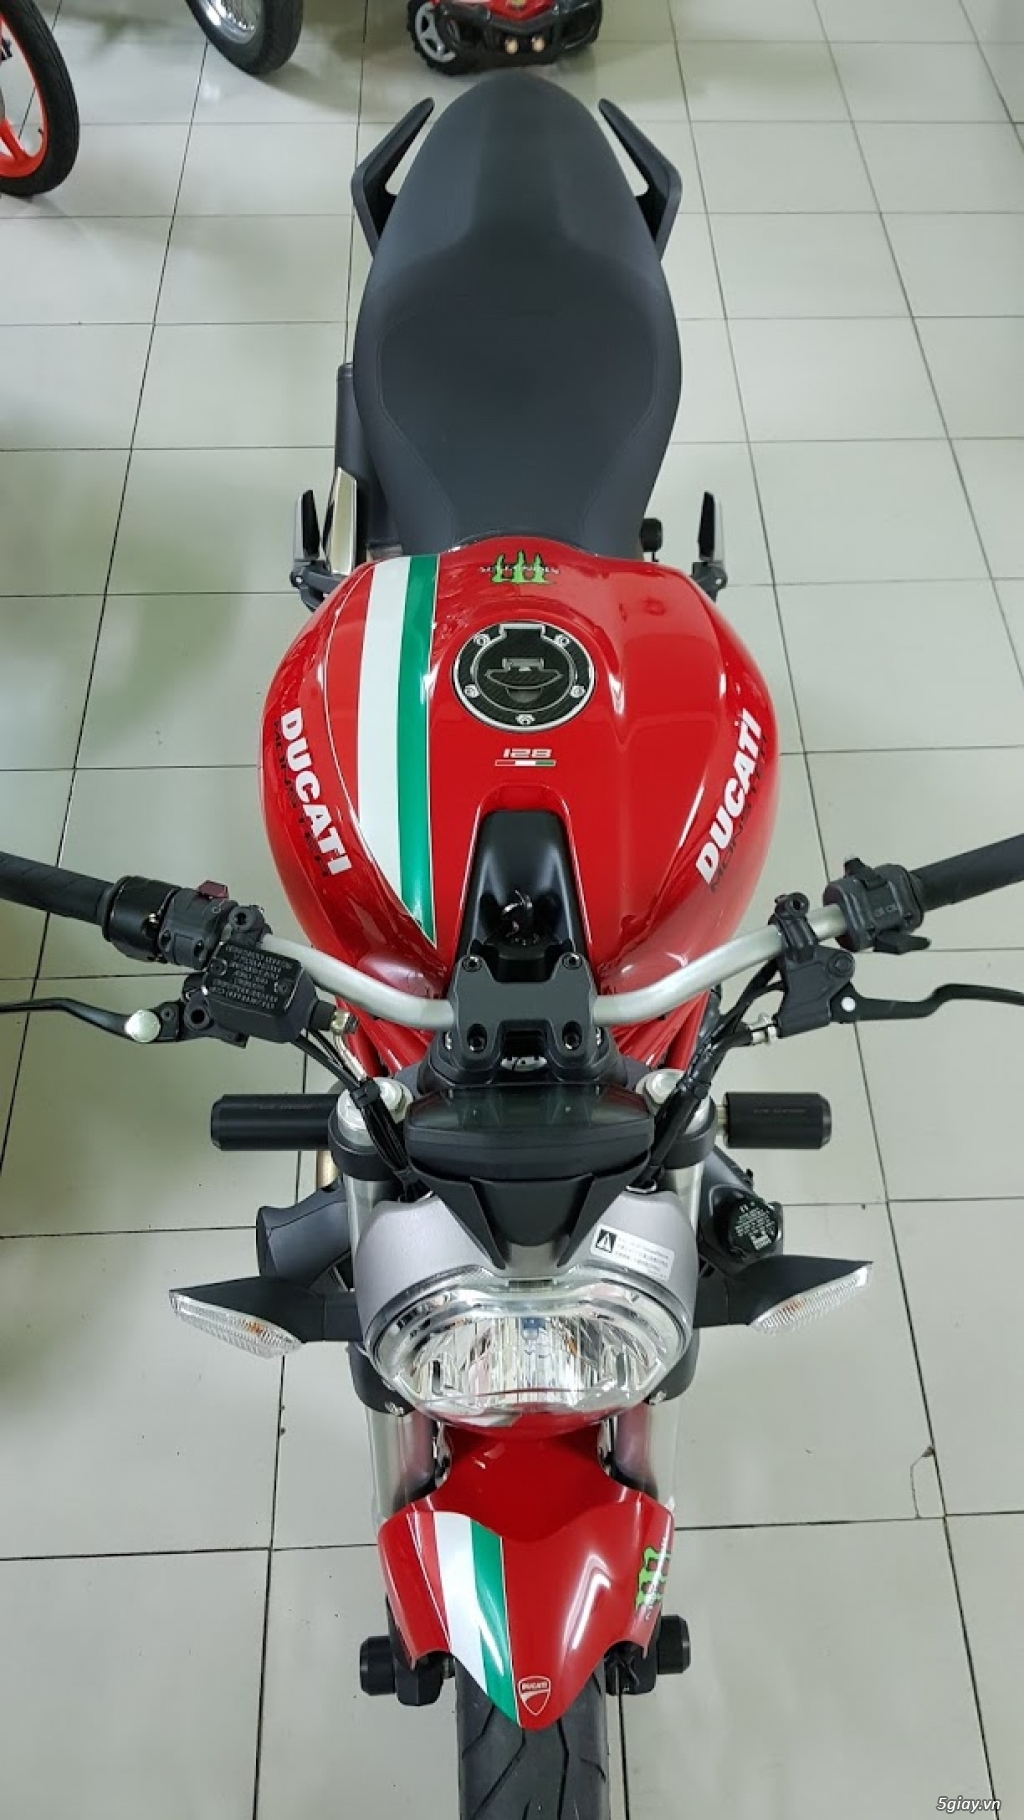 Ban Ducati Monster 821 ABS thang 52017 chinh hang Saigon so VIP - 5